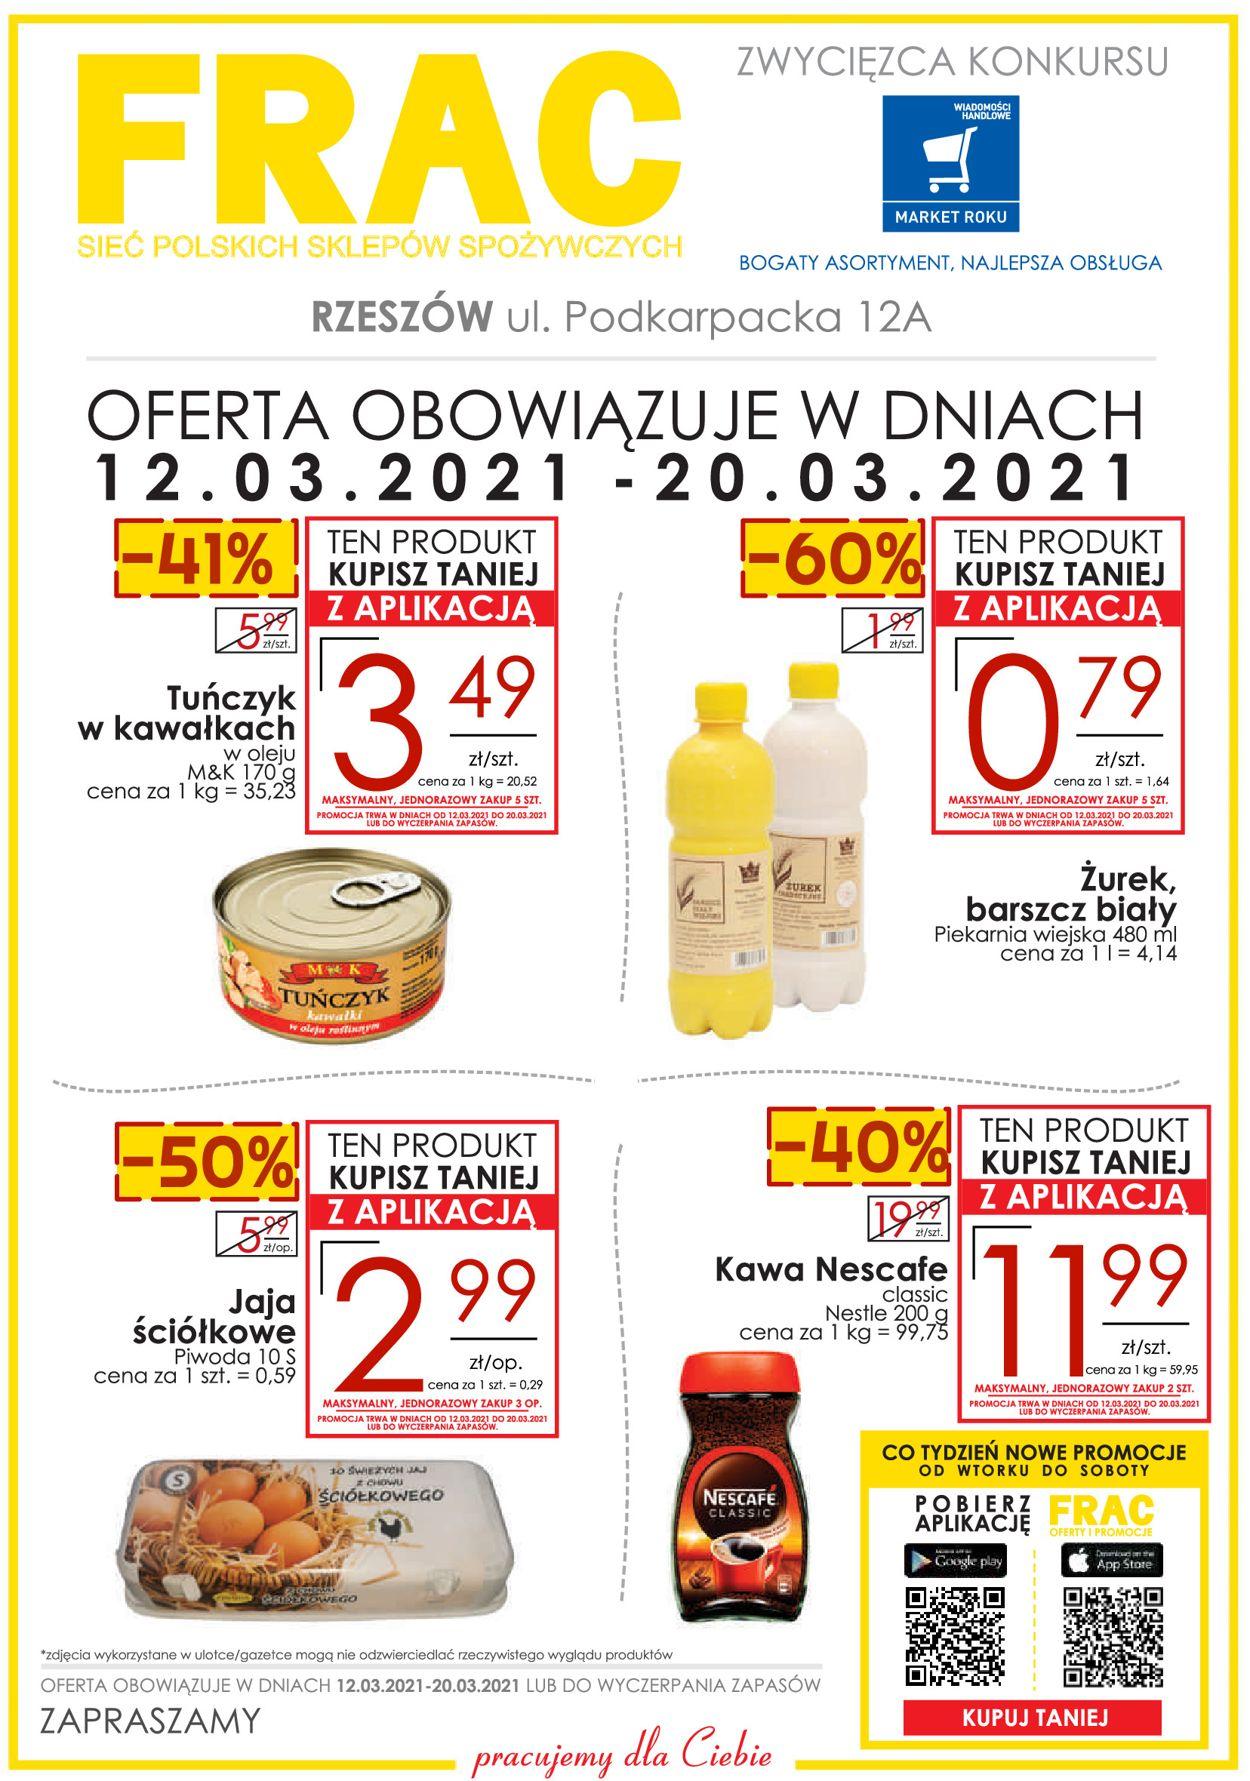 Gazetka promocyjna Frac RZESZÓW UL. PODKARPACKA 12A - 12.03-20.03.2021